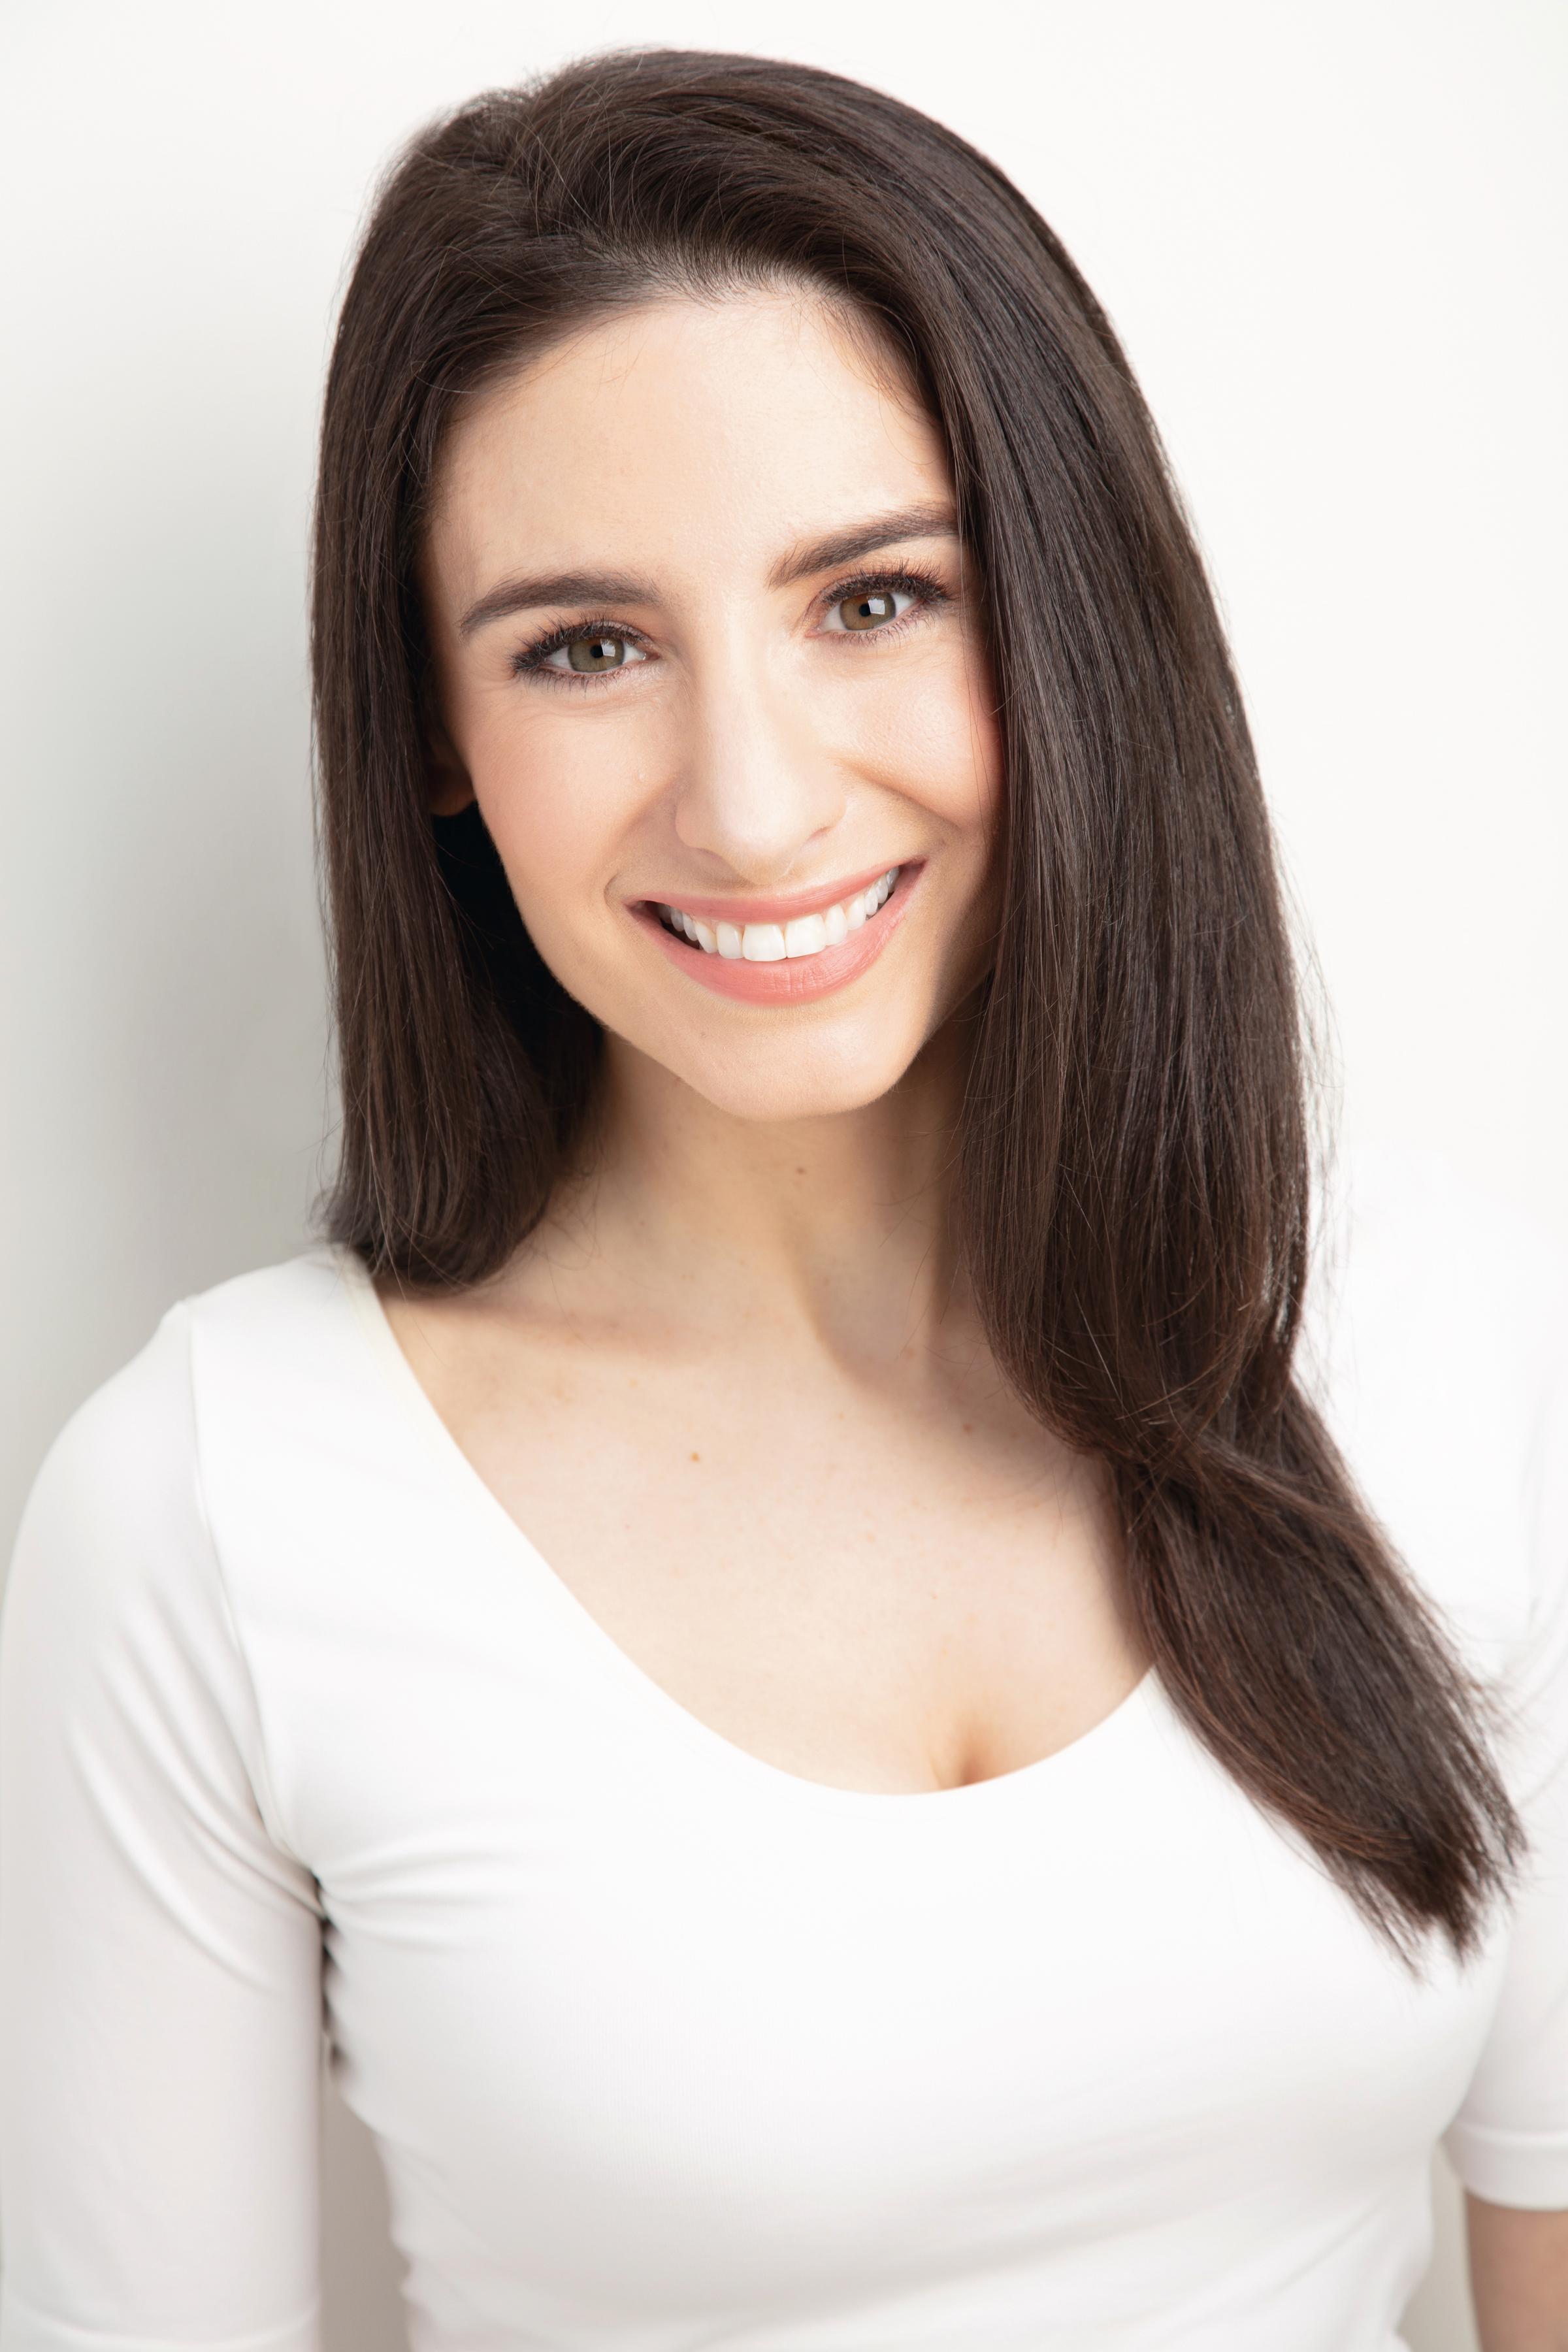 Rebecca Rapoport-Cole Headshot    Courtesy of Joseph Moran